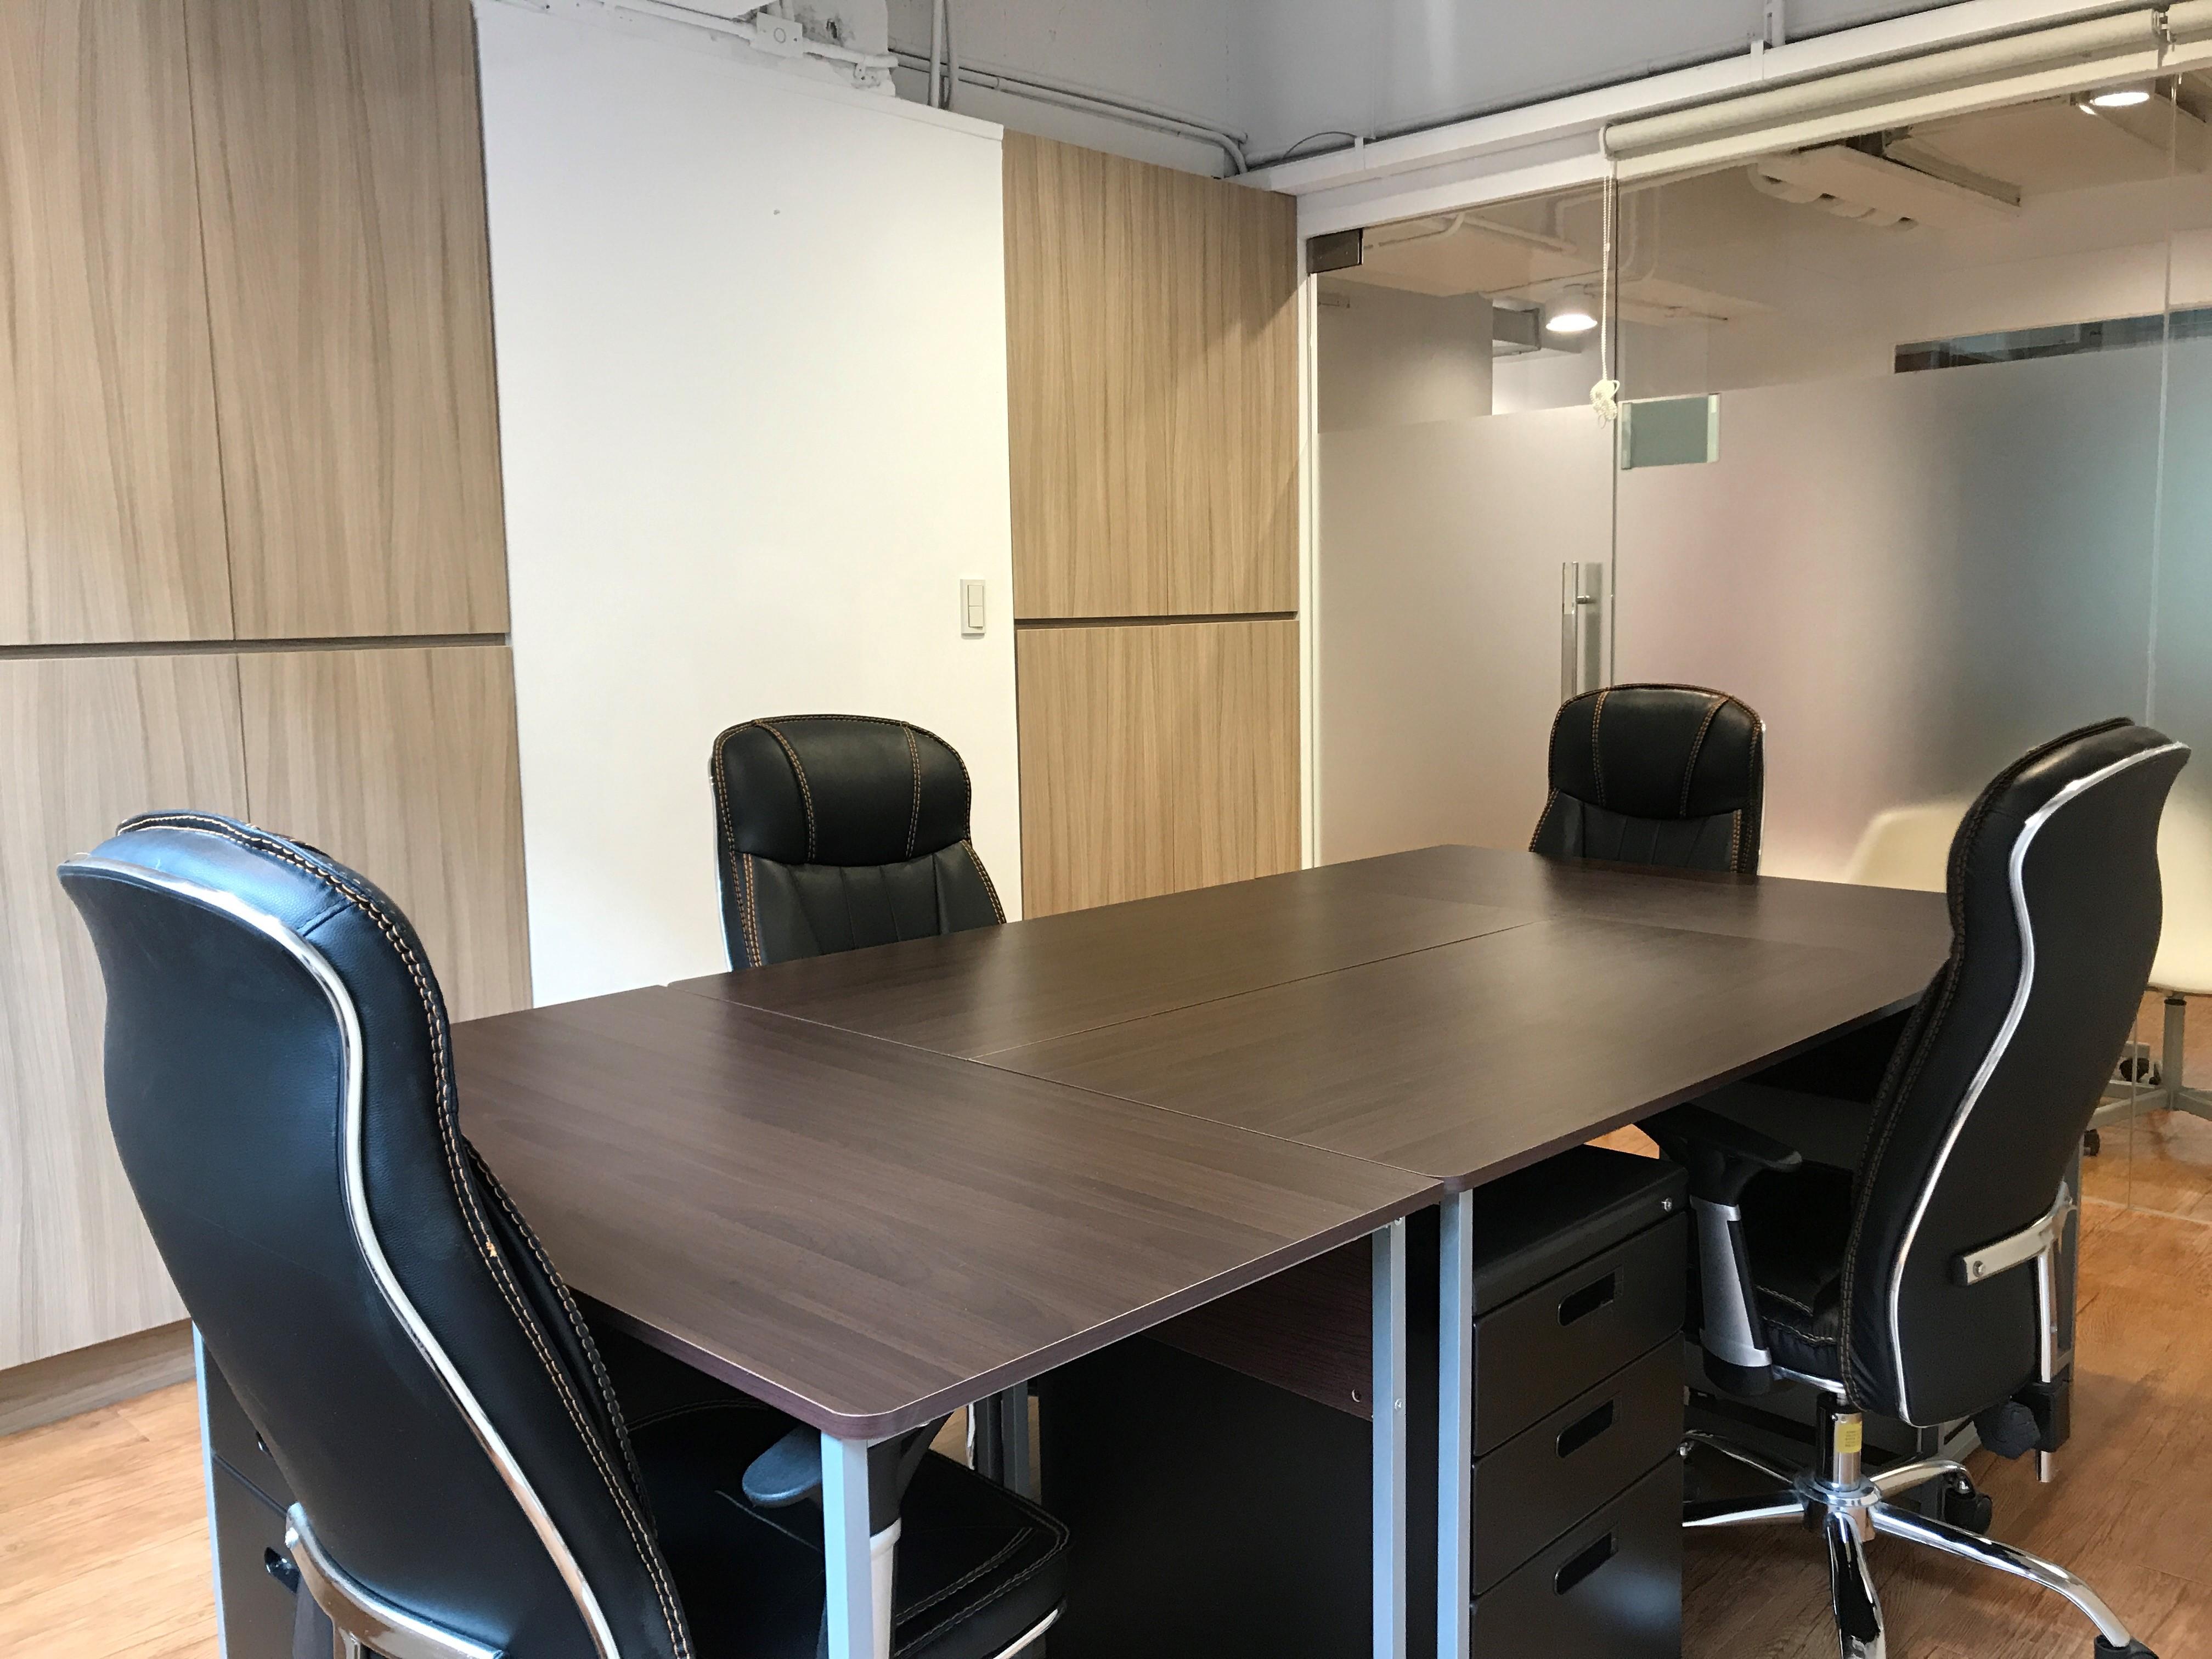 哪種辦公室空間最能提升效率?是員工自己佈置還是花重金請設計師設計?